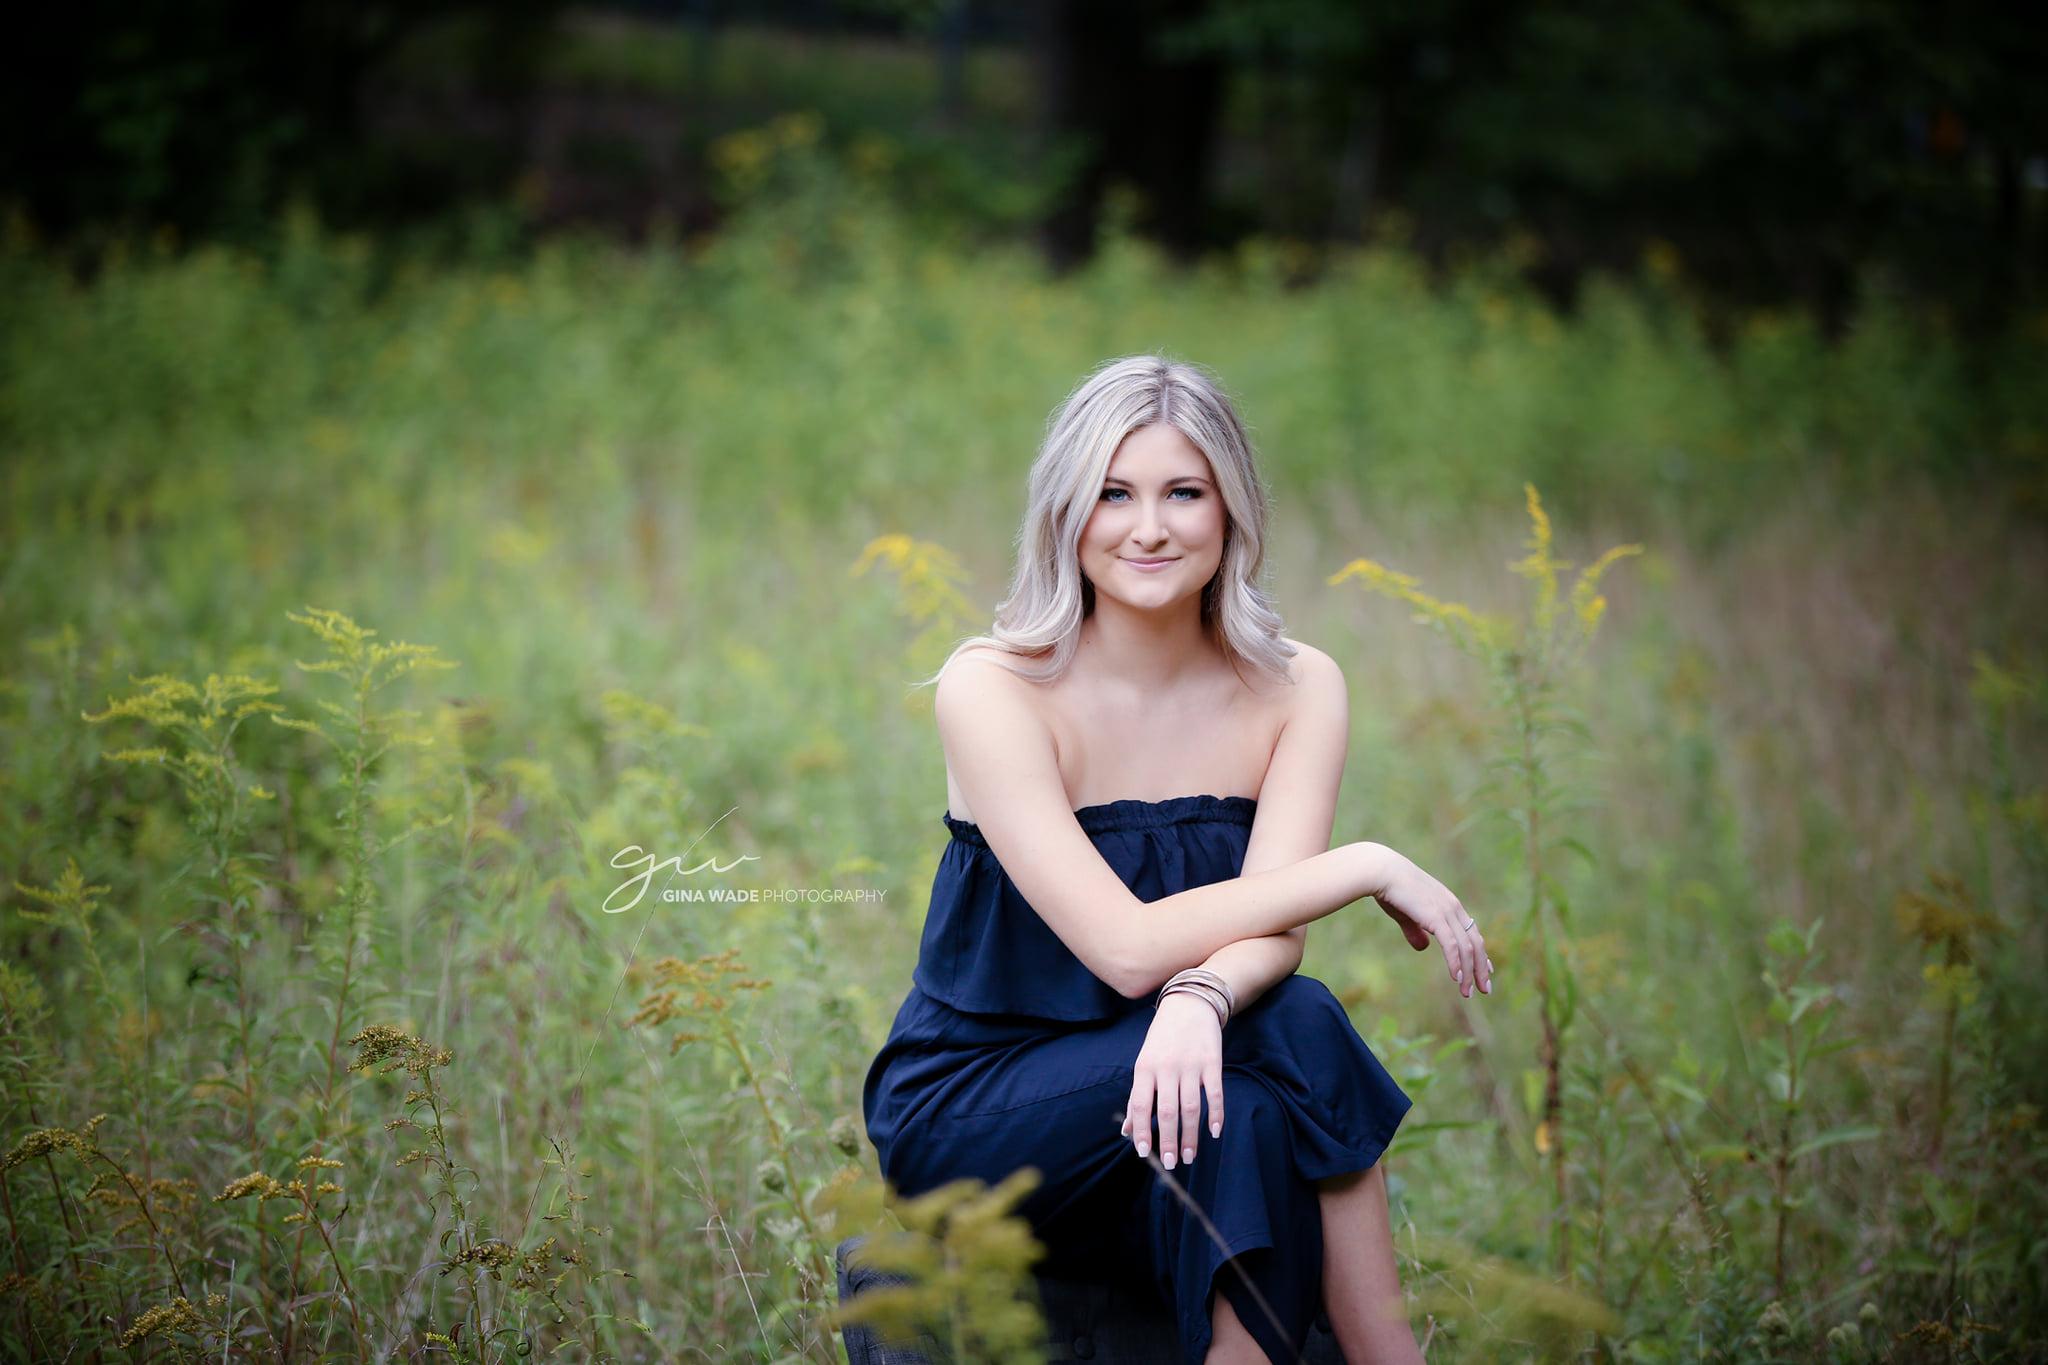 Gina Wade Photography